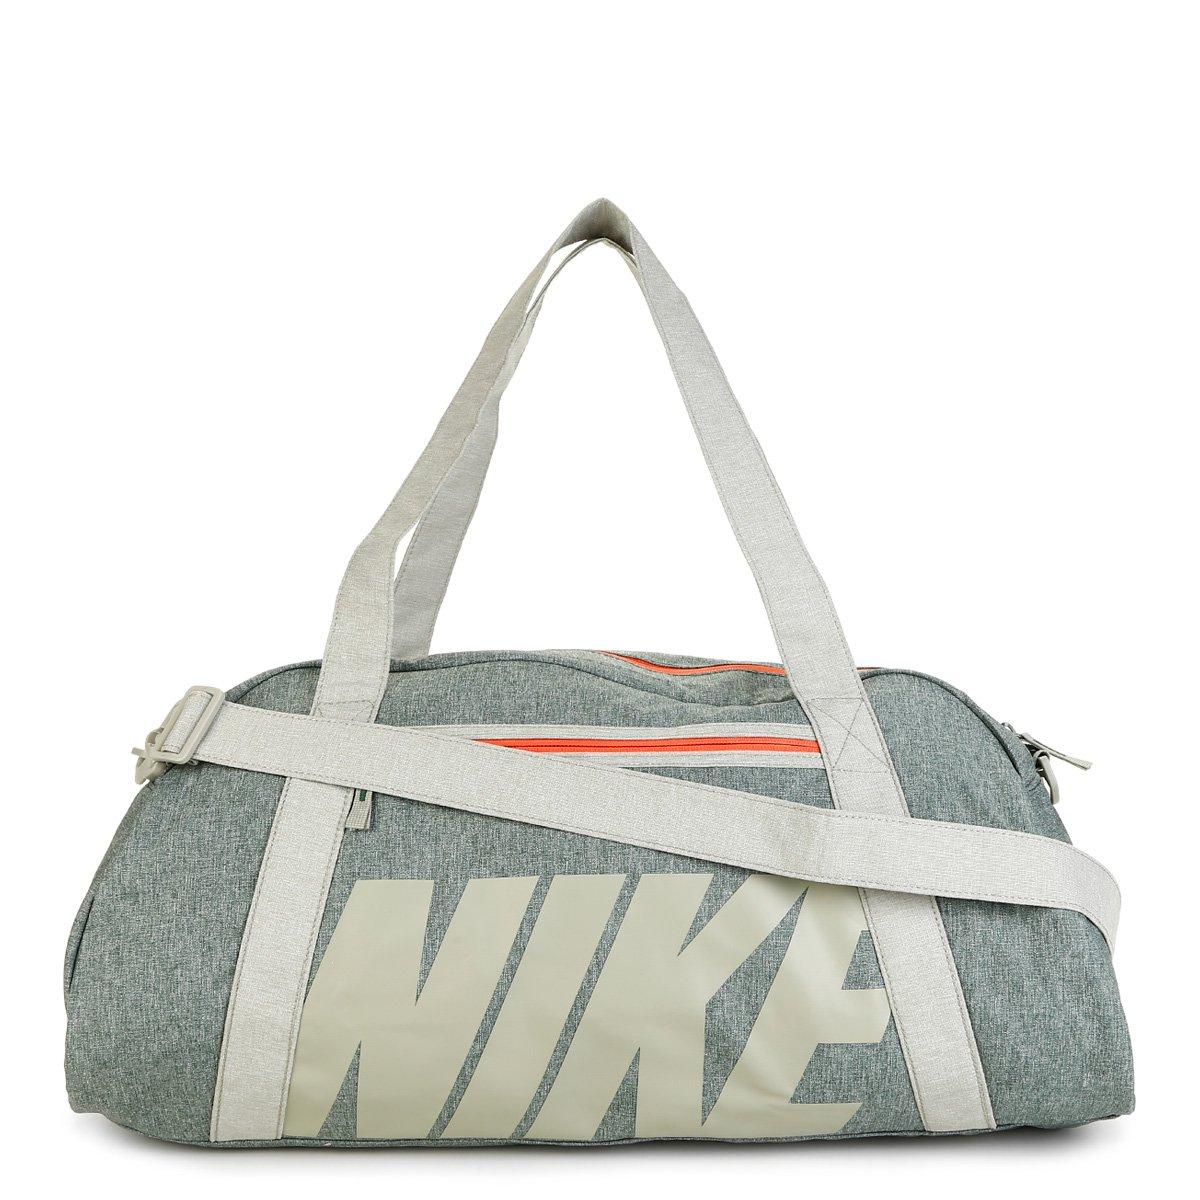 5ca3df376 Bolsa Nike Gym Club Feminina   Livelo -Sua Vida com Mais Recompensas